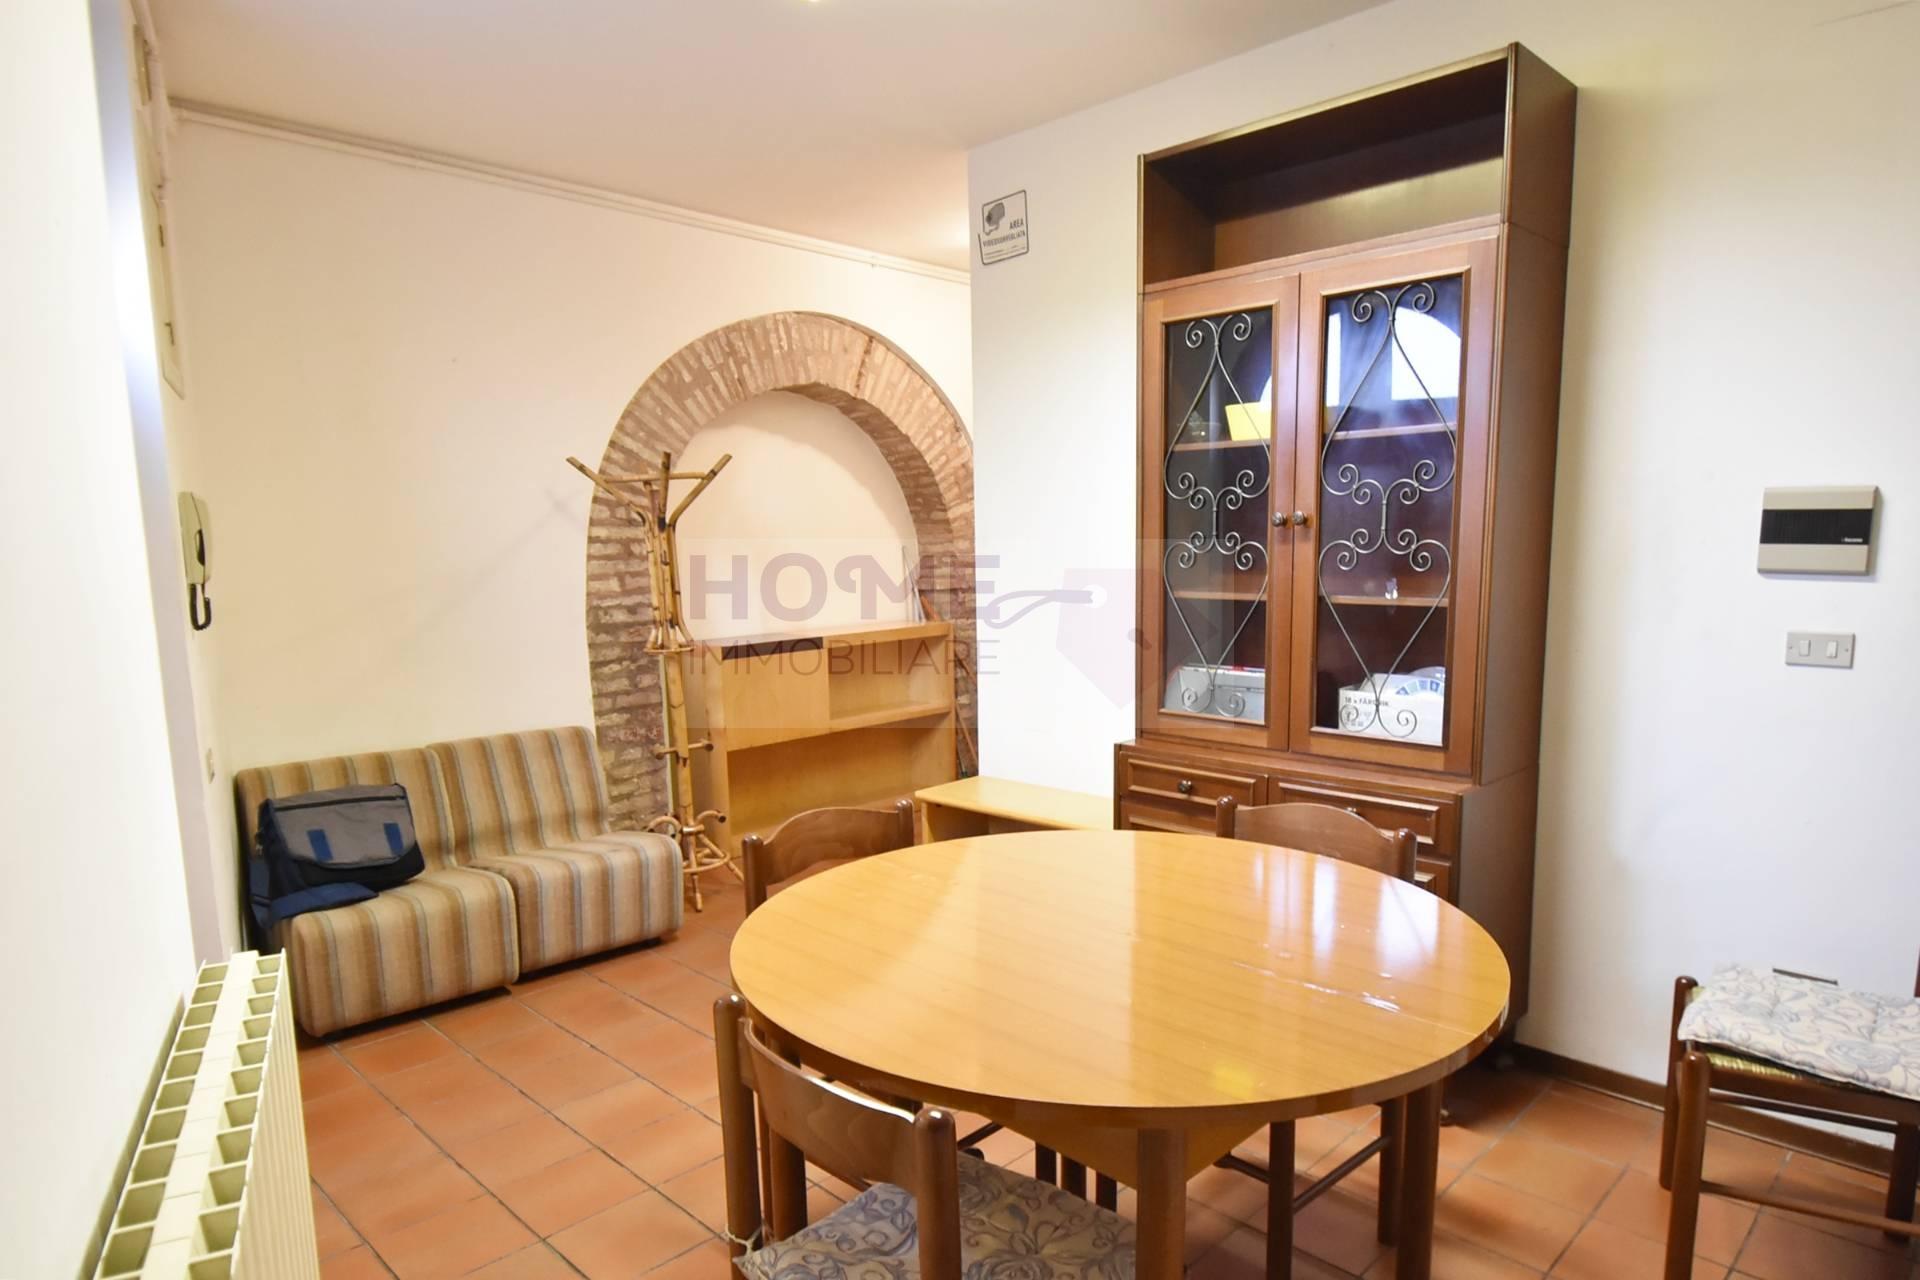 Appartamento in affitto a Macerata, 5 locali, zona Località: Centrostorico, prezzo € 380 | CambioCasa.it